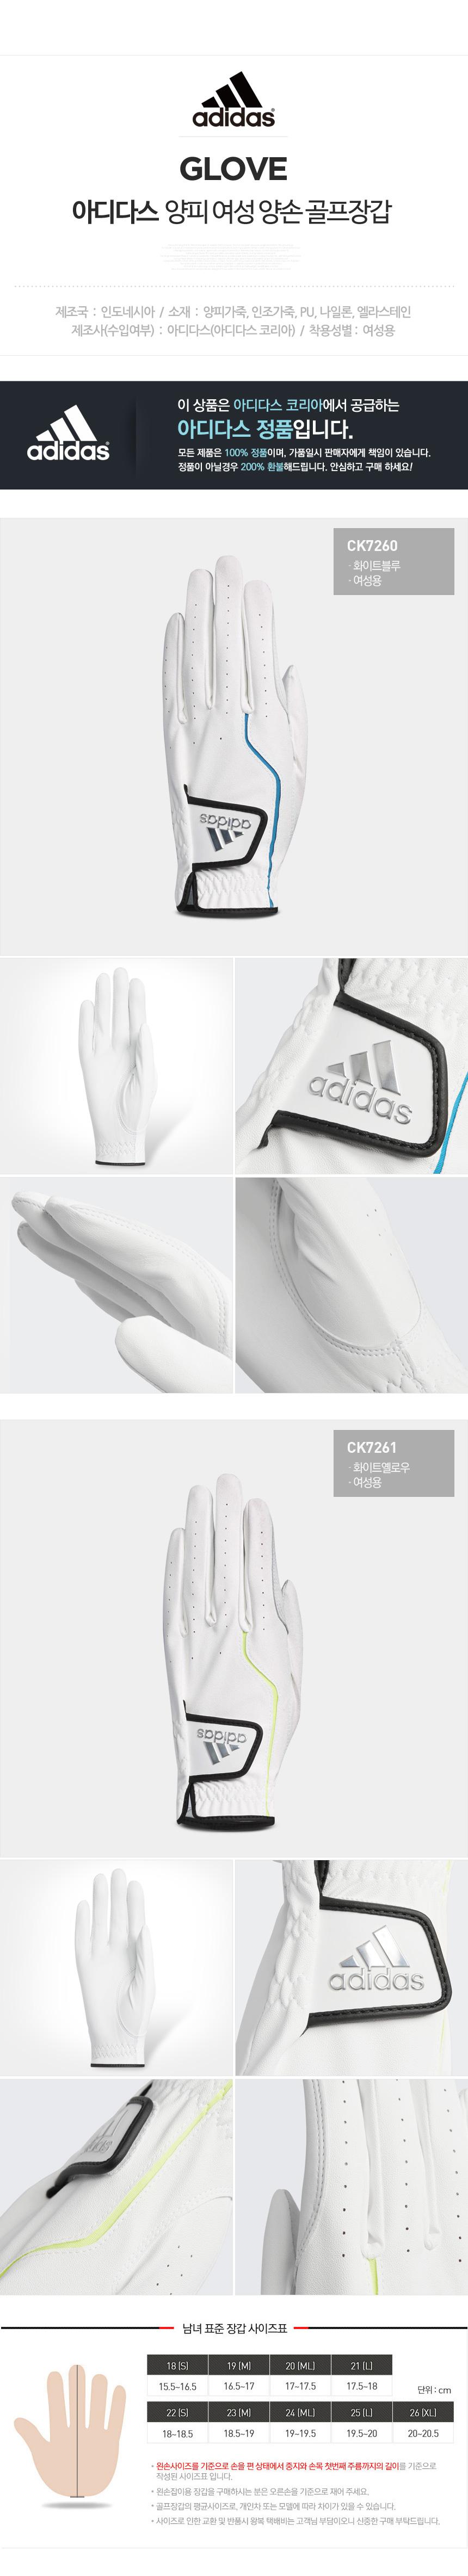 adidas_sheepskin_glove_21.jpg